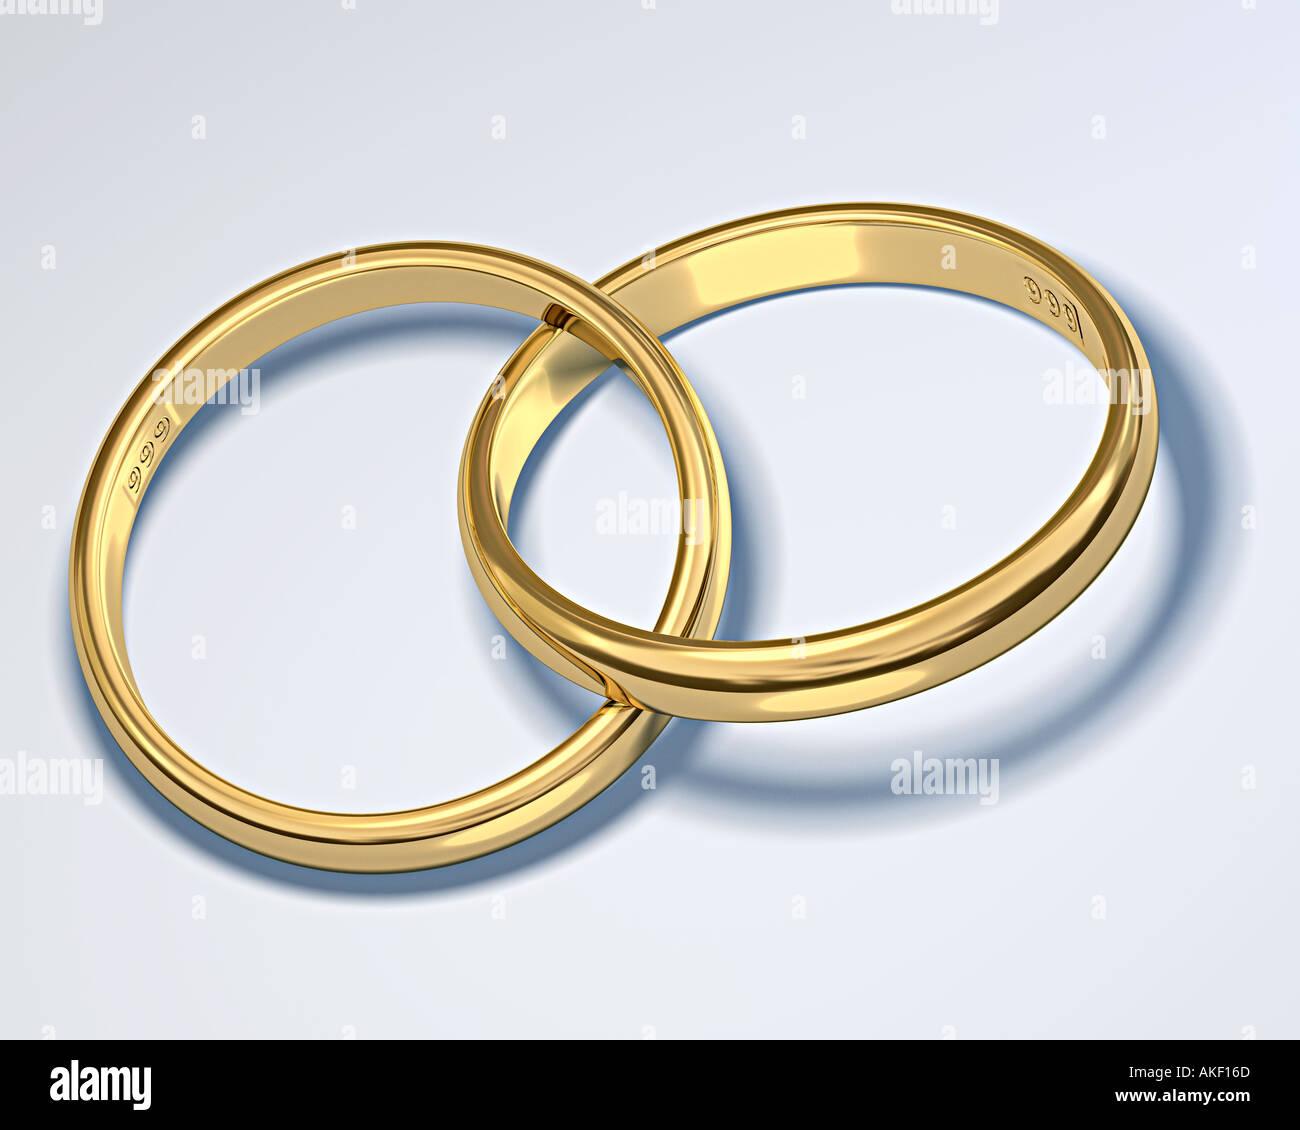 Due anelli di oro asserviti simbolo del matrimonio matrimonio collegamento rapporto di fusione Immagini Stock